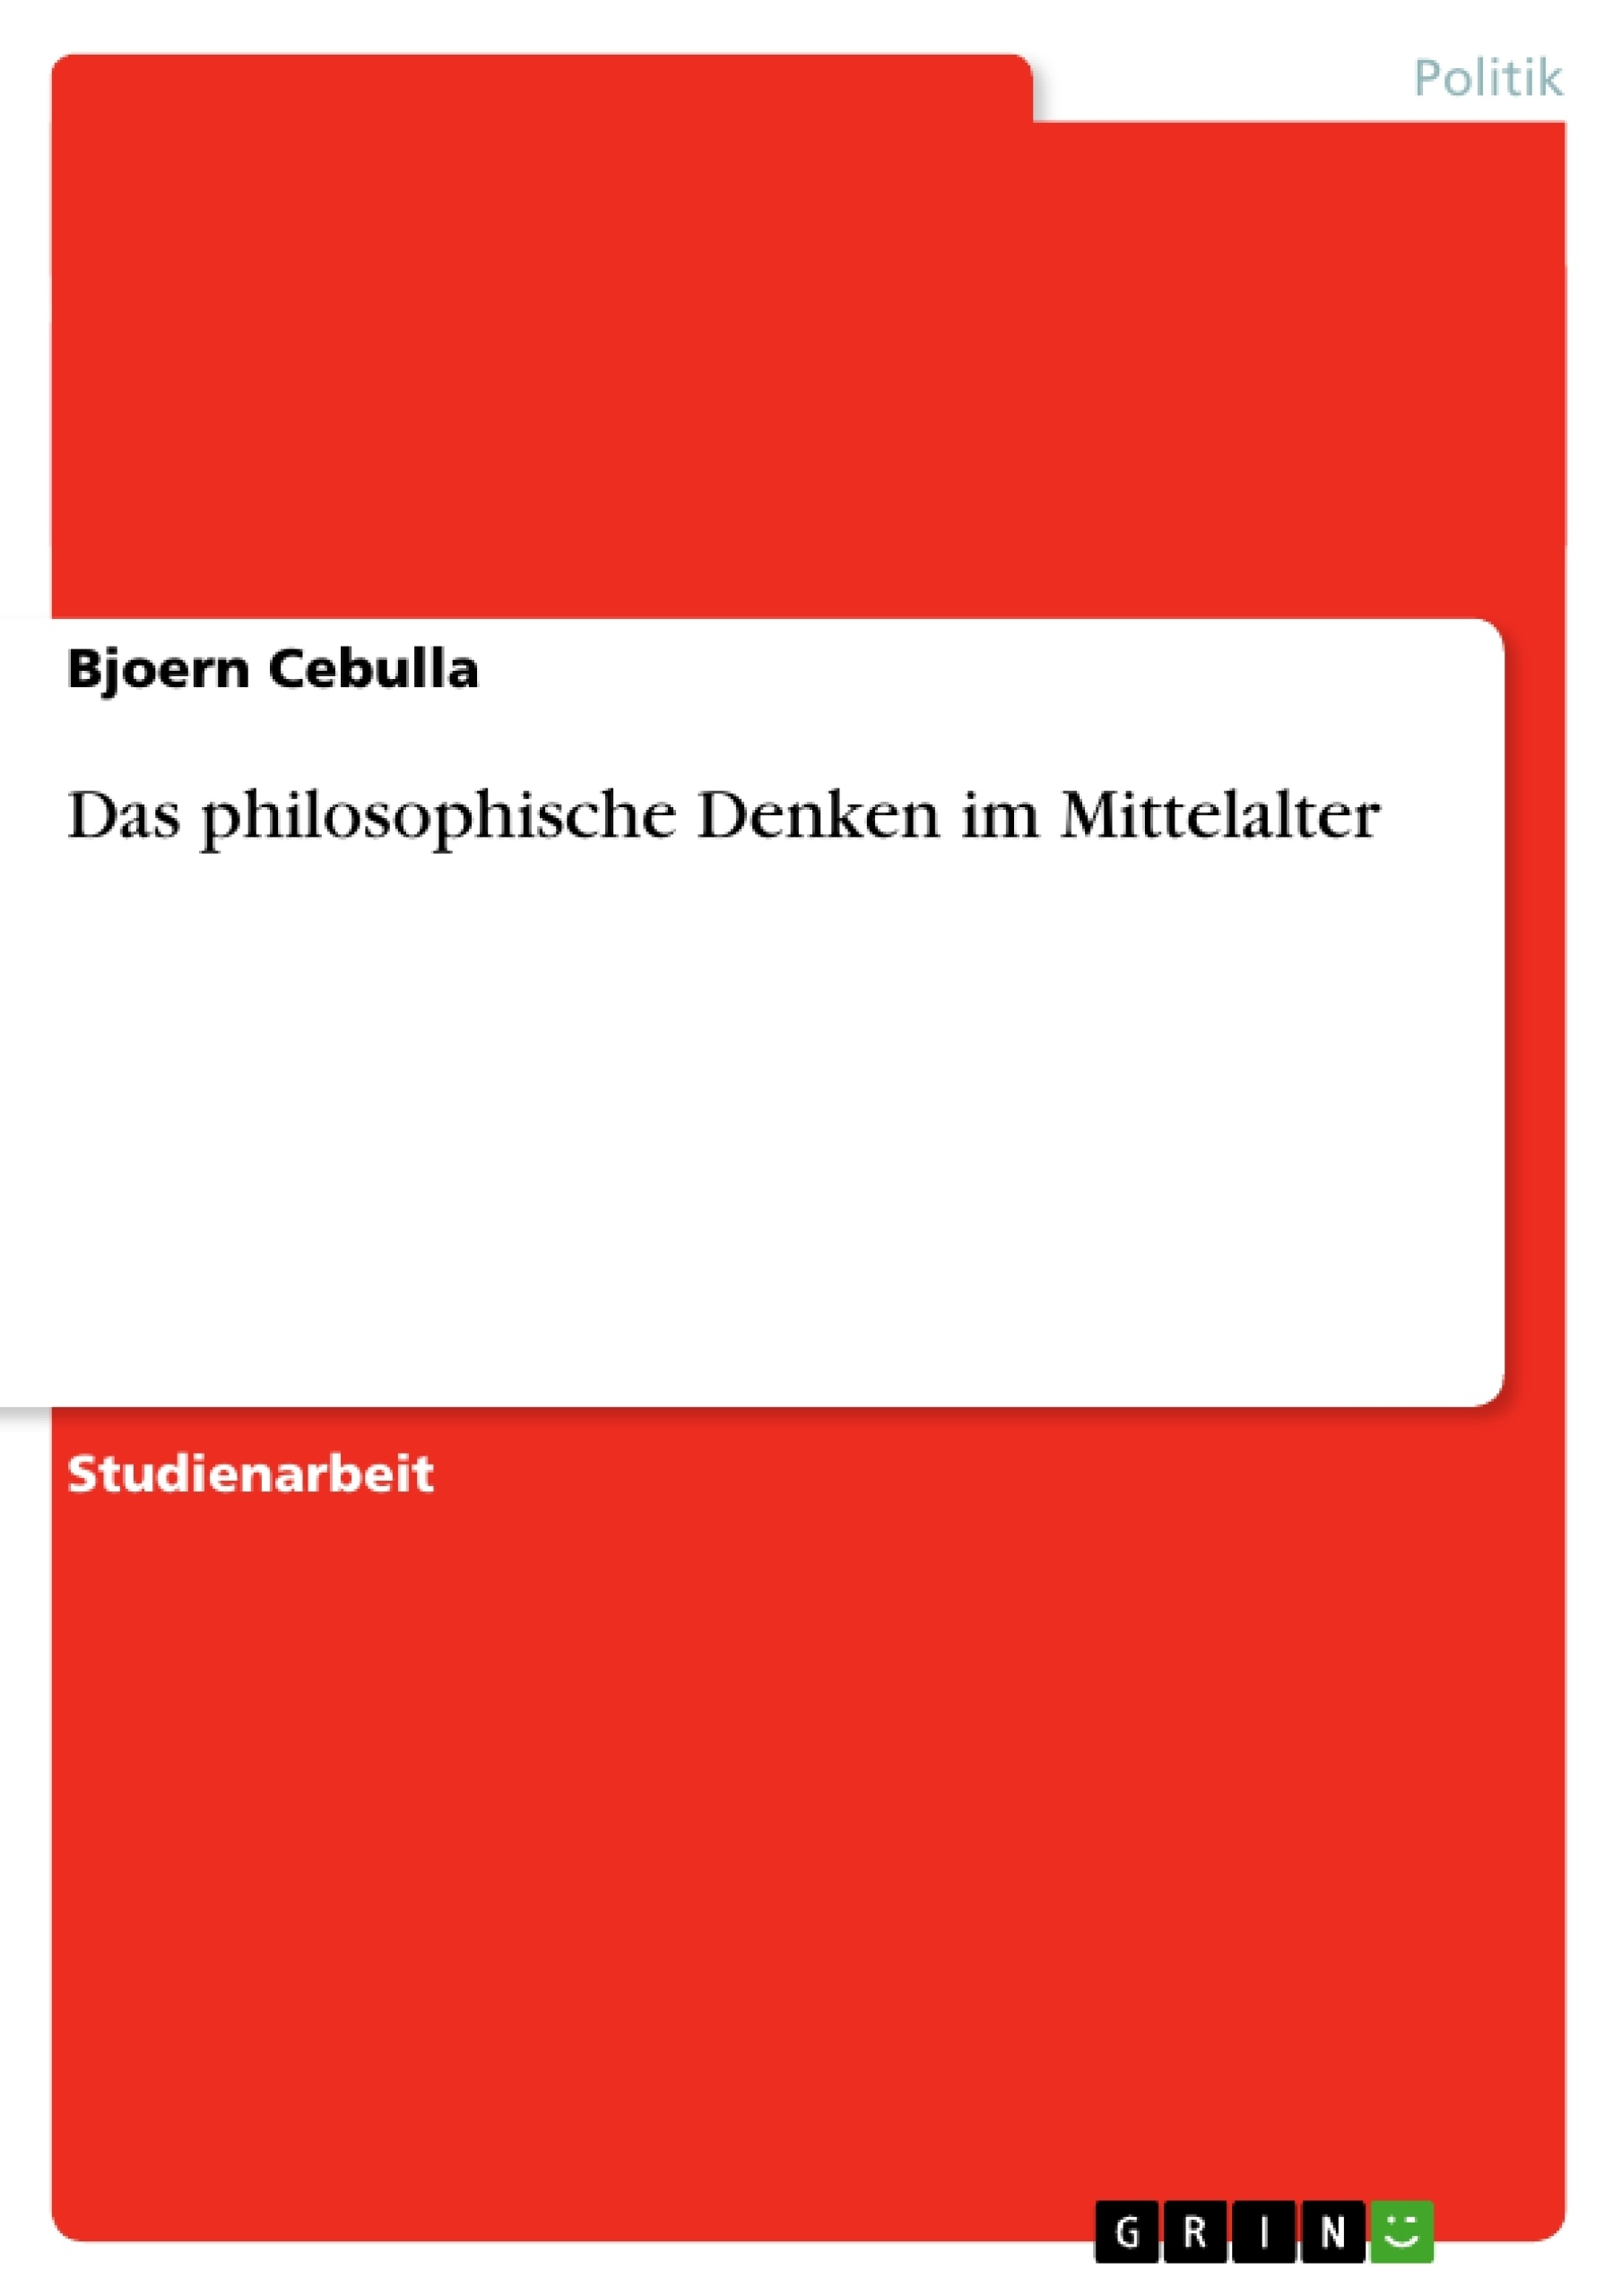 Titel: Das philosophische Denken im Mittelalter